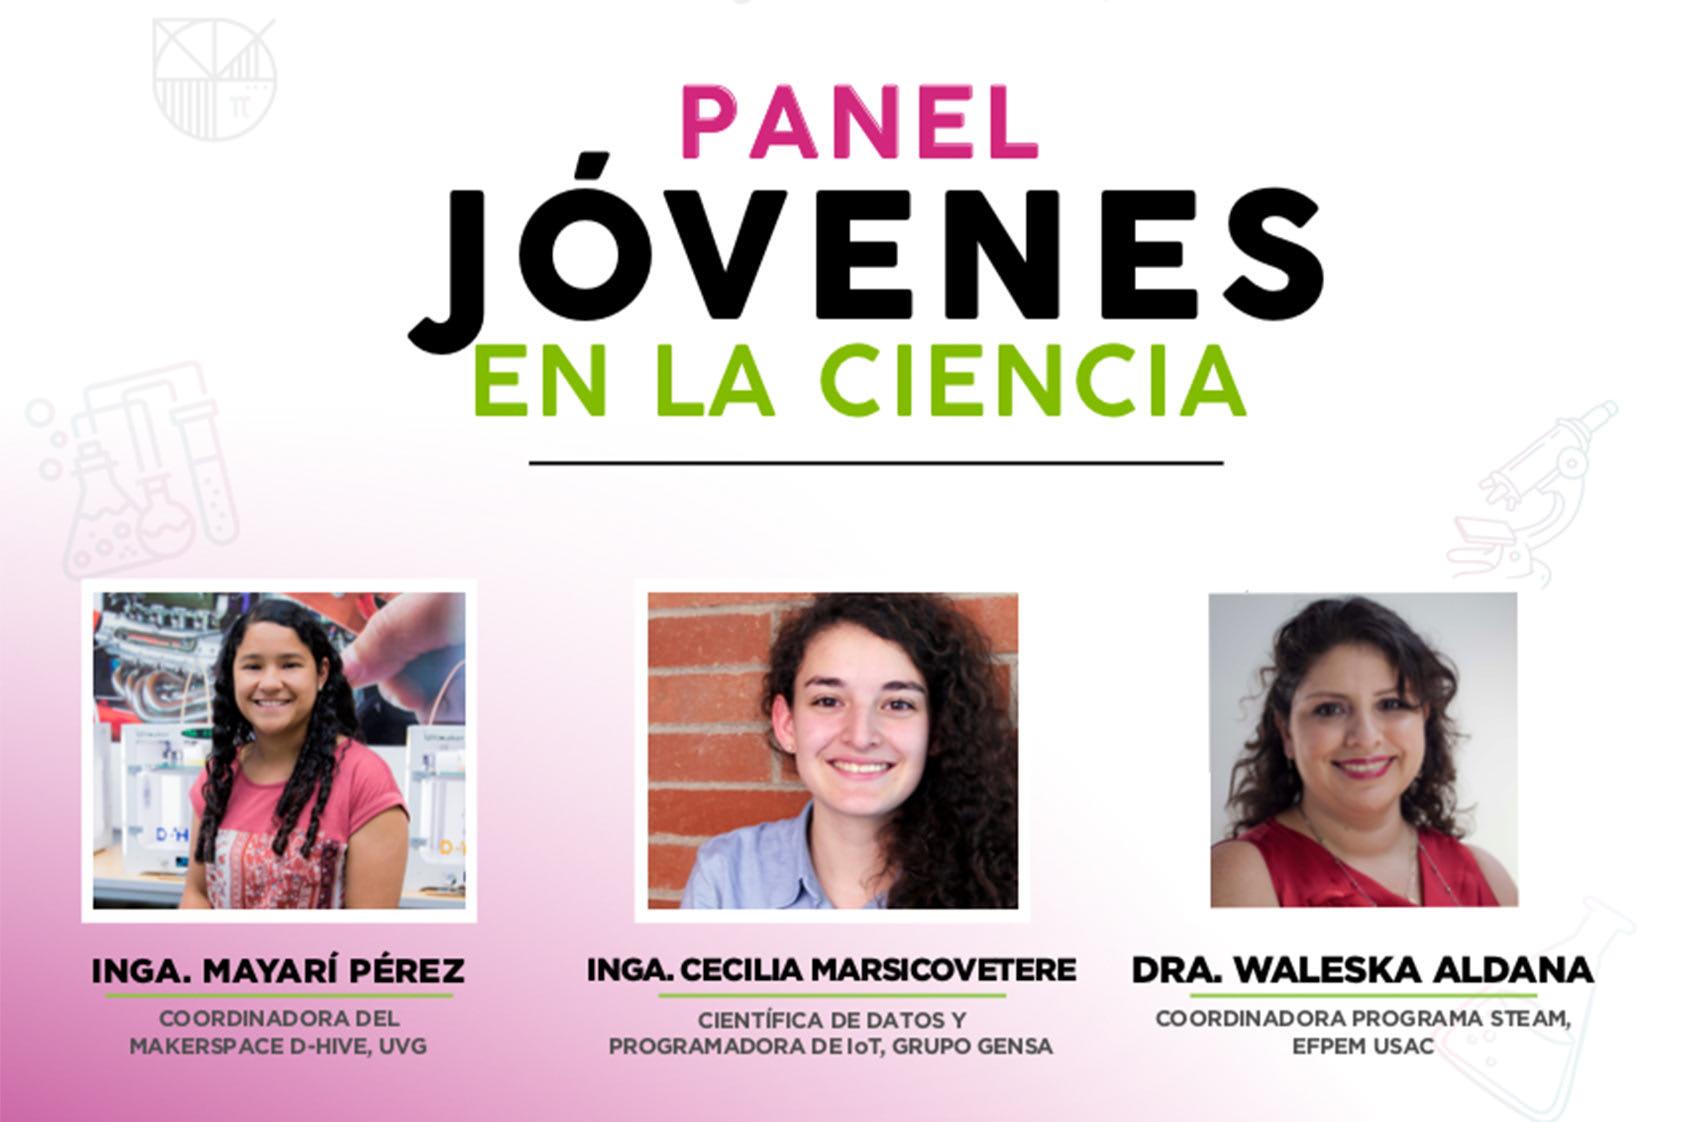 Anécdotas alentadoras y mucha inspiración vivimos en nuestro panel Jóvenes en la ciencia